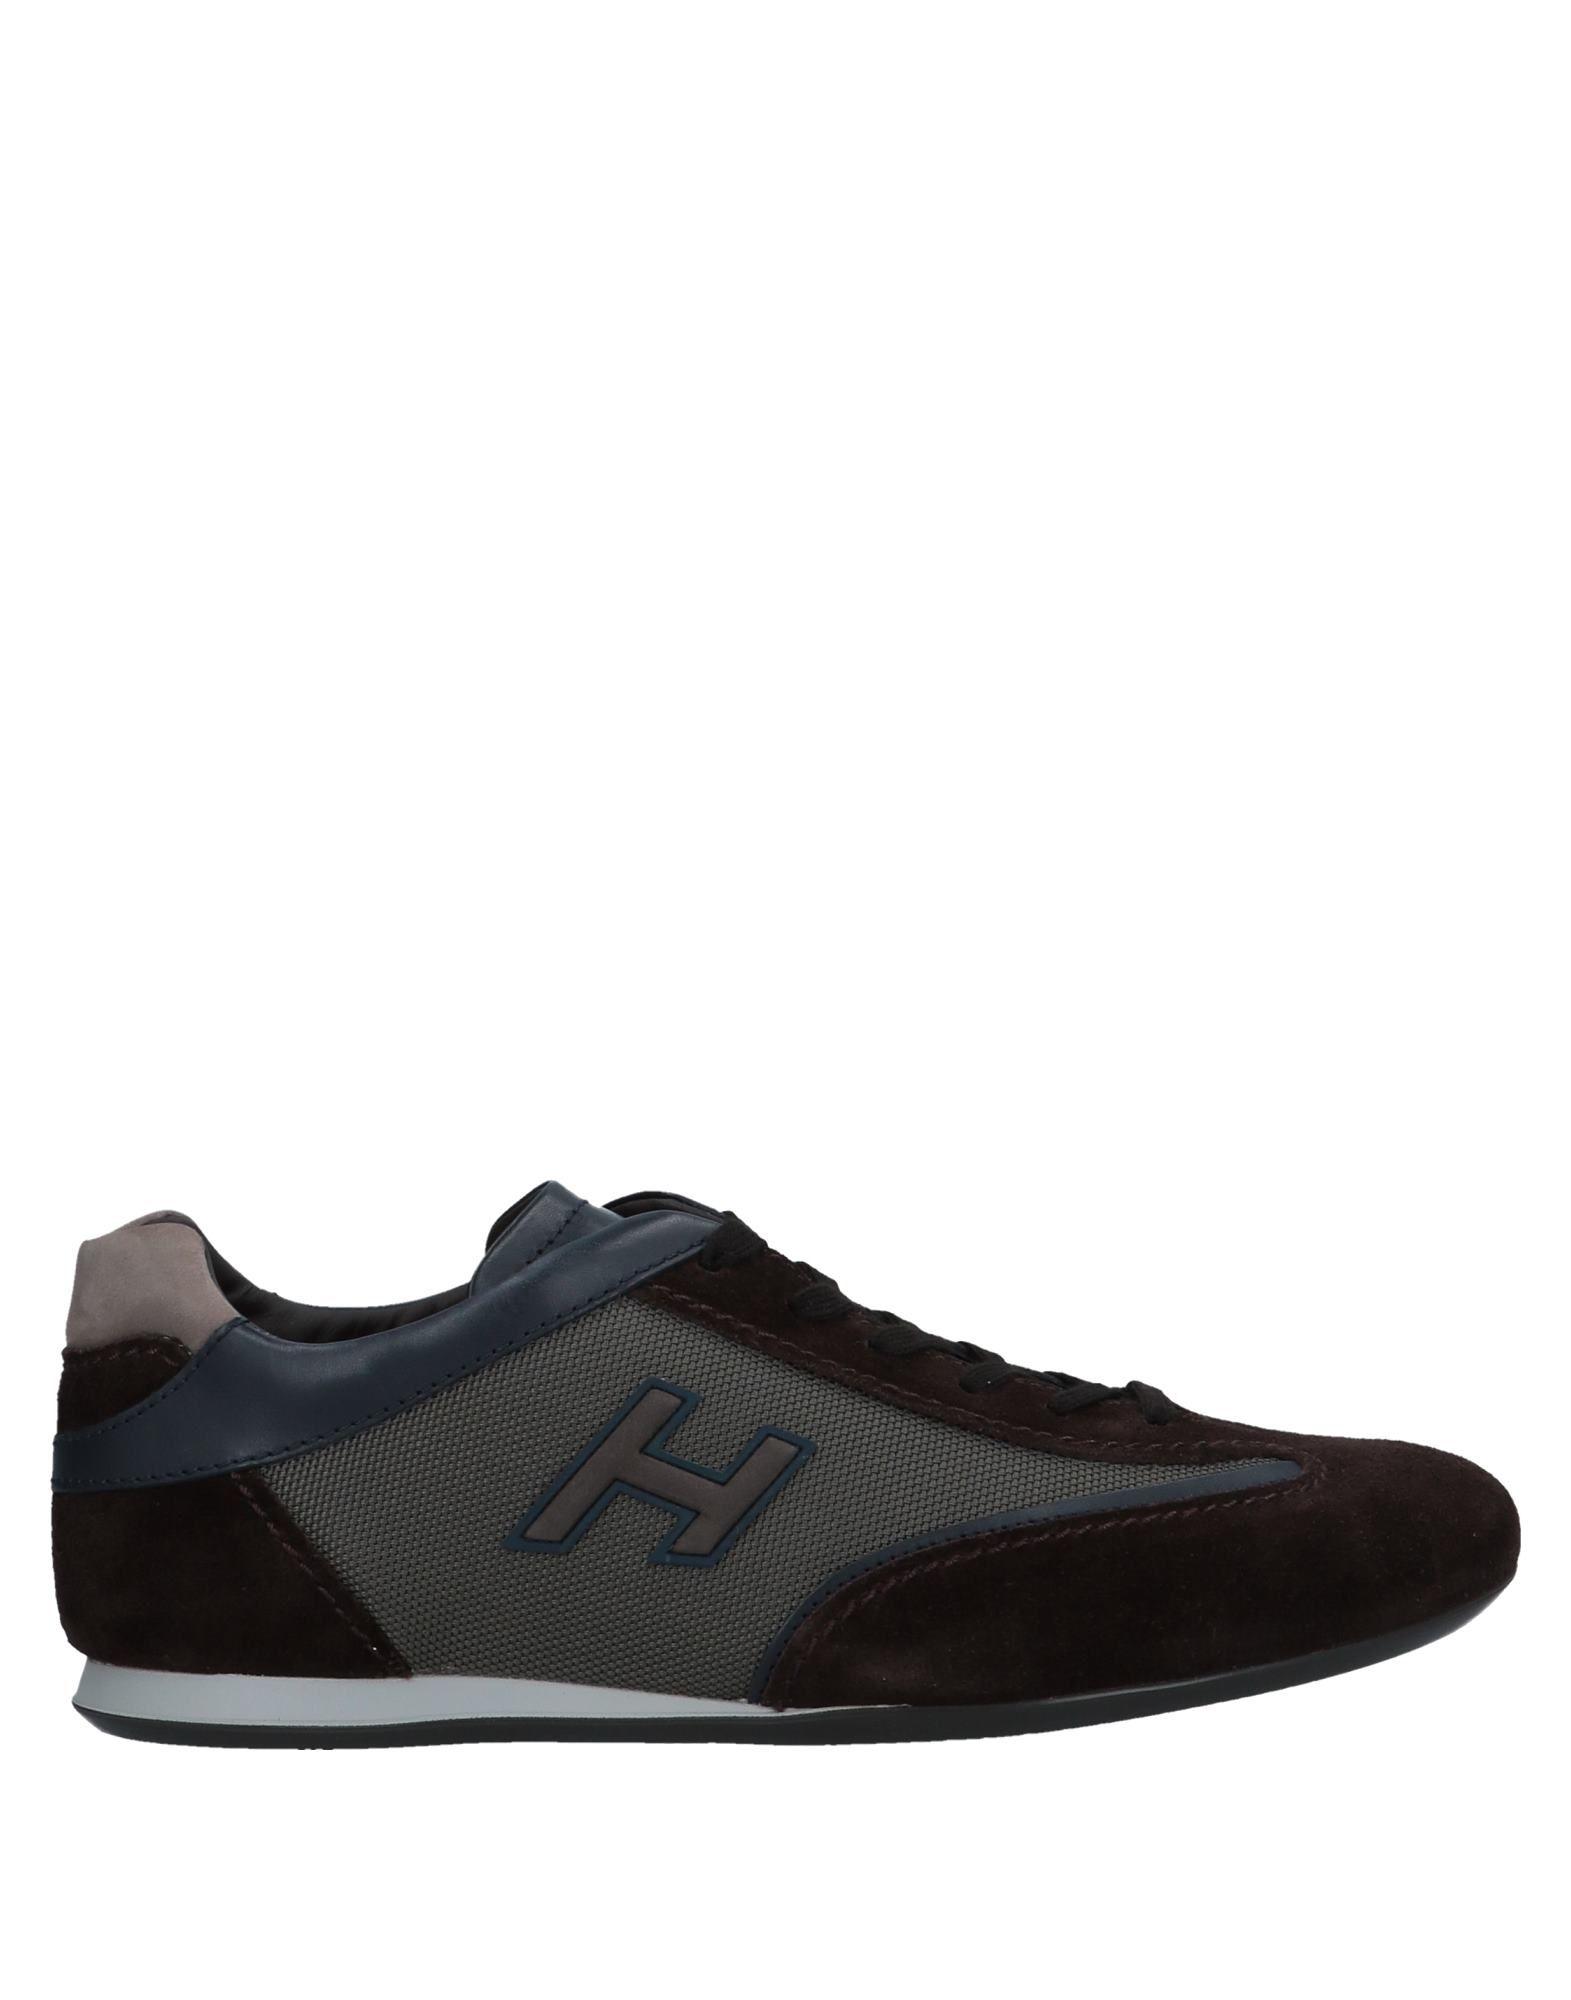 Zapatos de mujer baratos zapatos mujer de mujer zapatos  Zapatillas Hogan Hombre - Zapatillas Hogan 3c2bf5